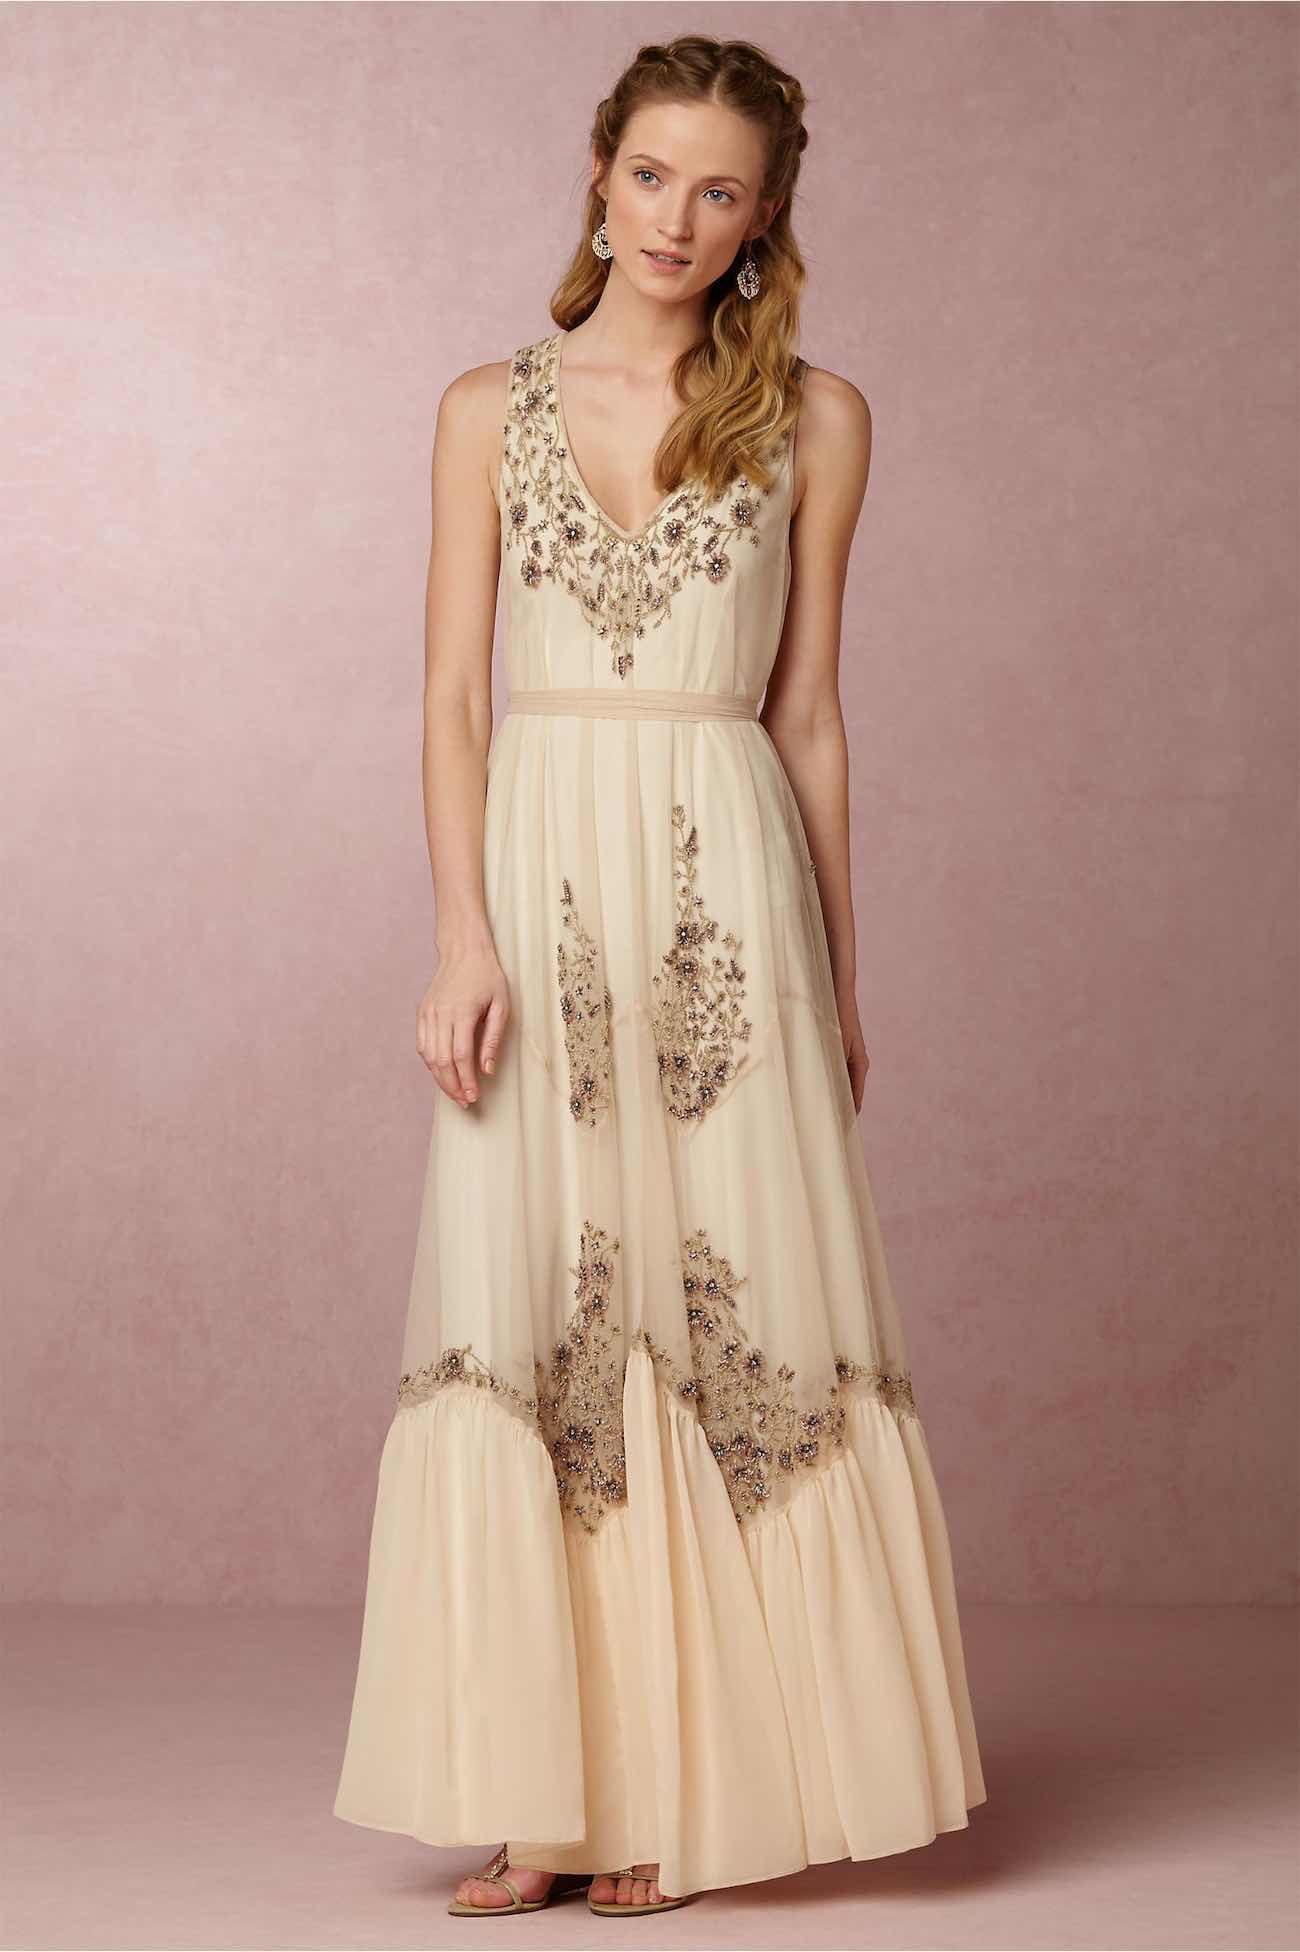 Exquisitely romantic bohemian wedding dresses 16 for Romantic bohemian wedding dresses